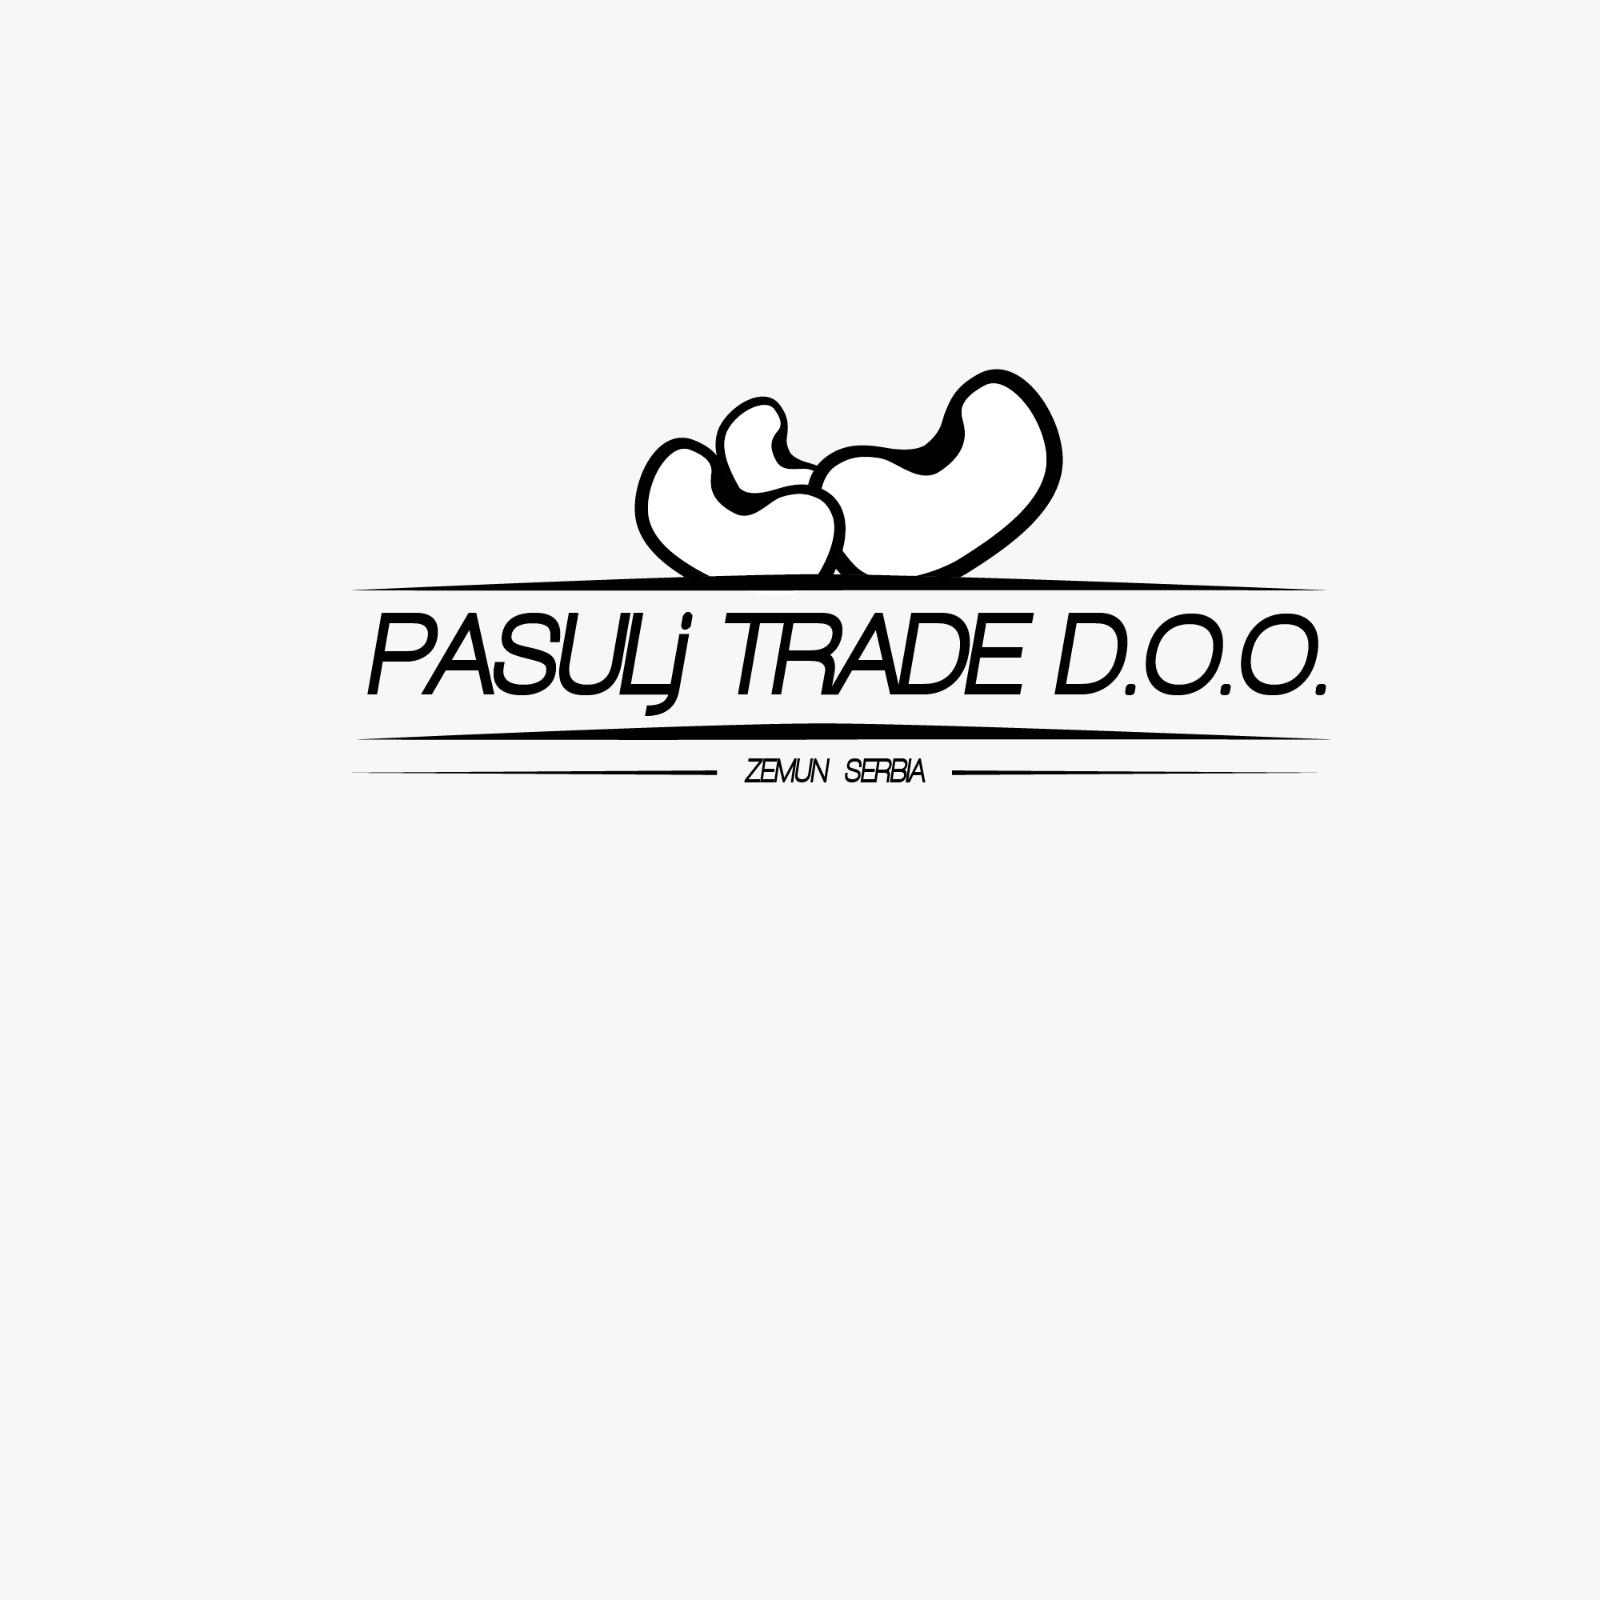 Pasulj Trade d.o.o.